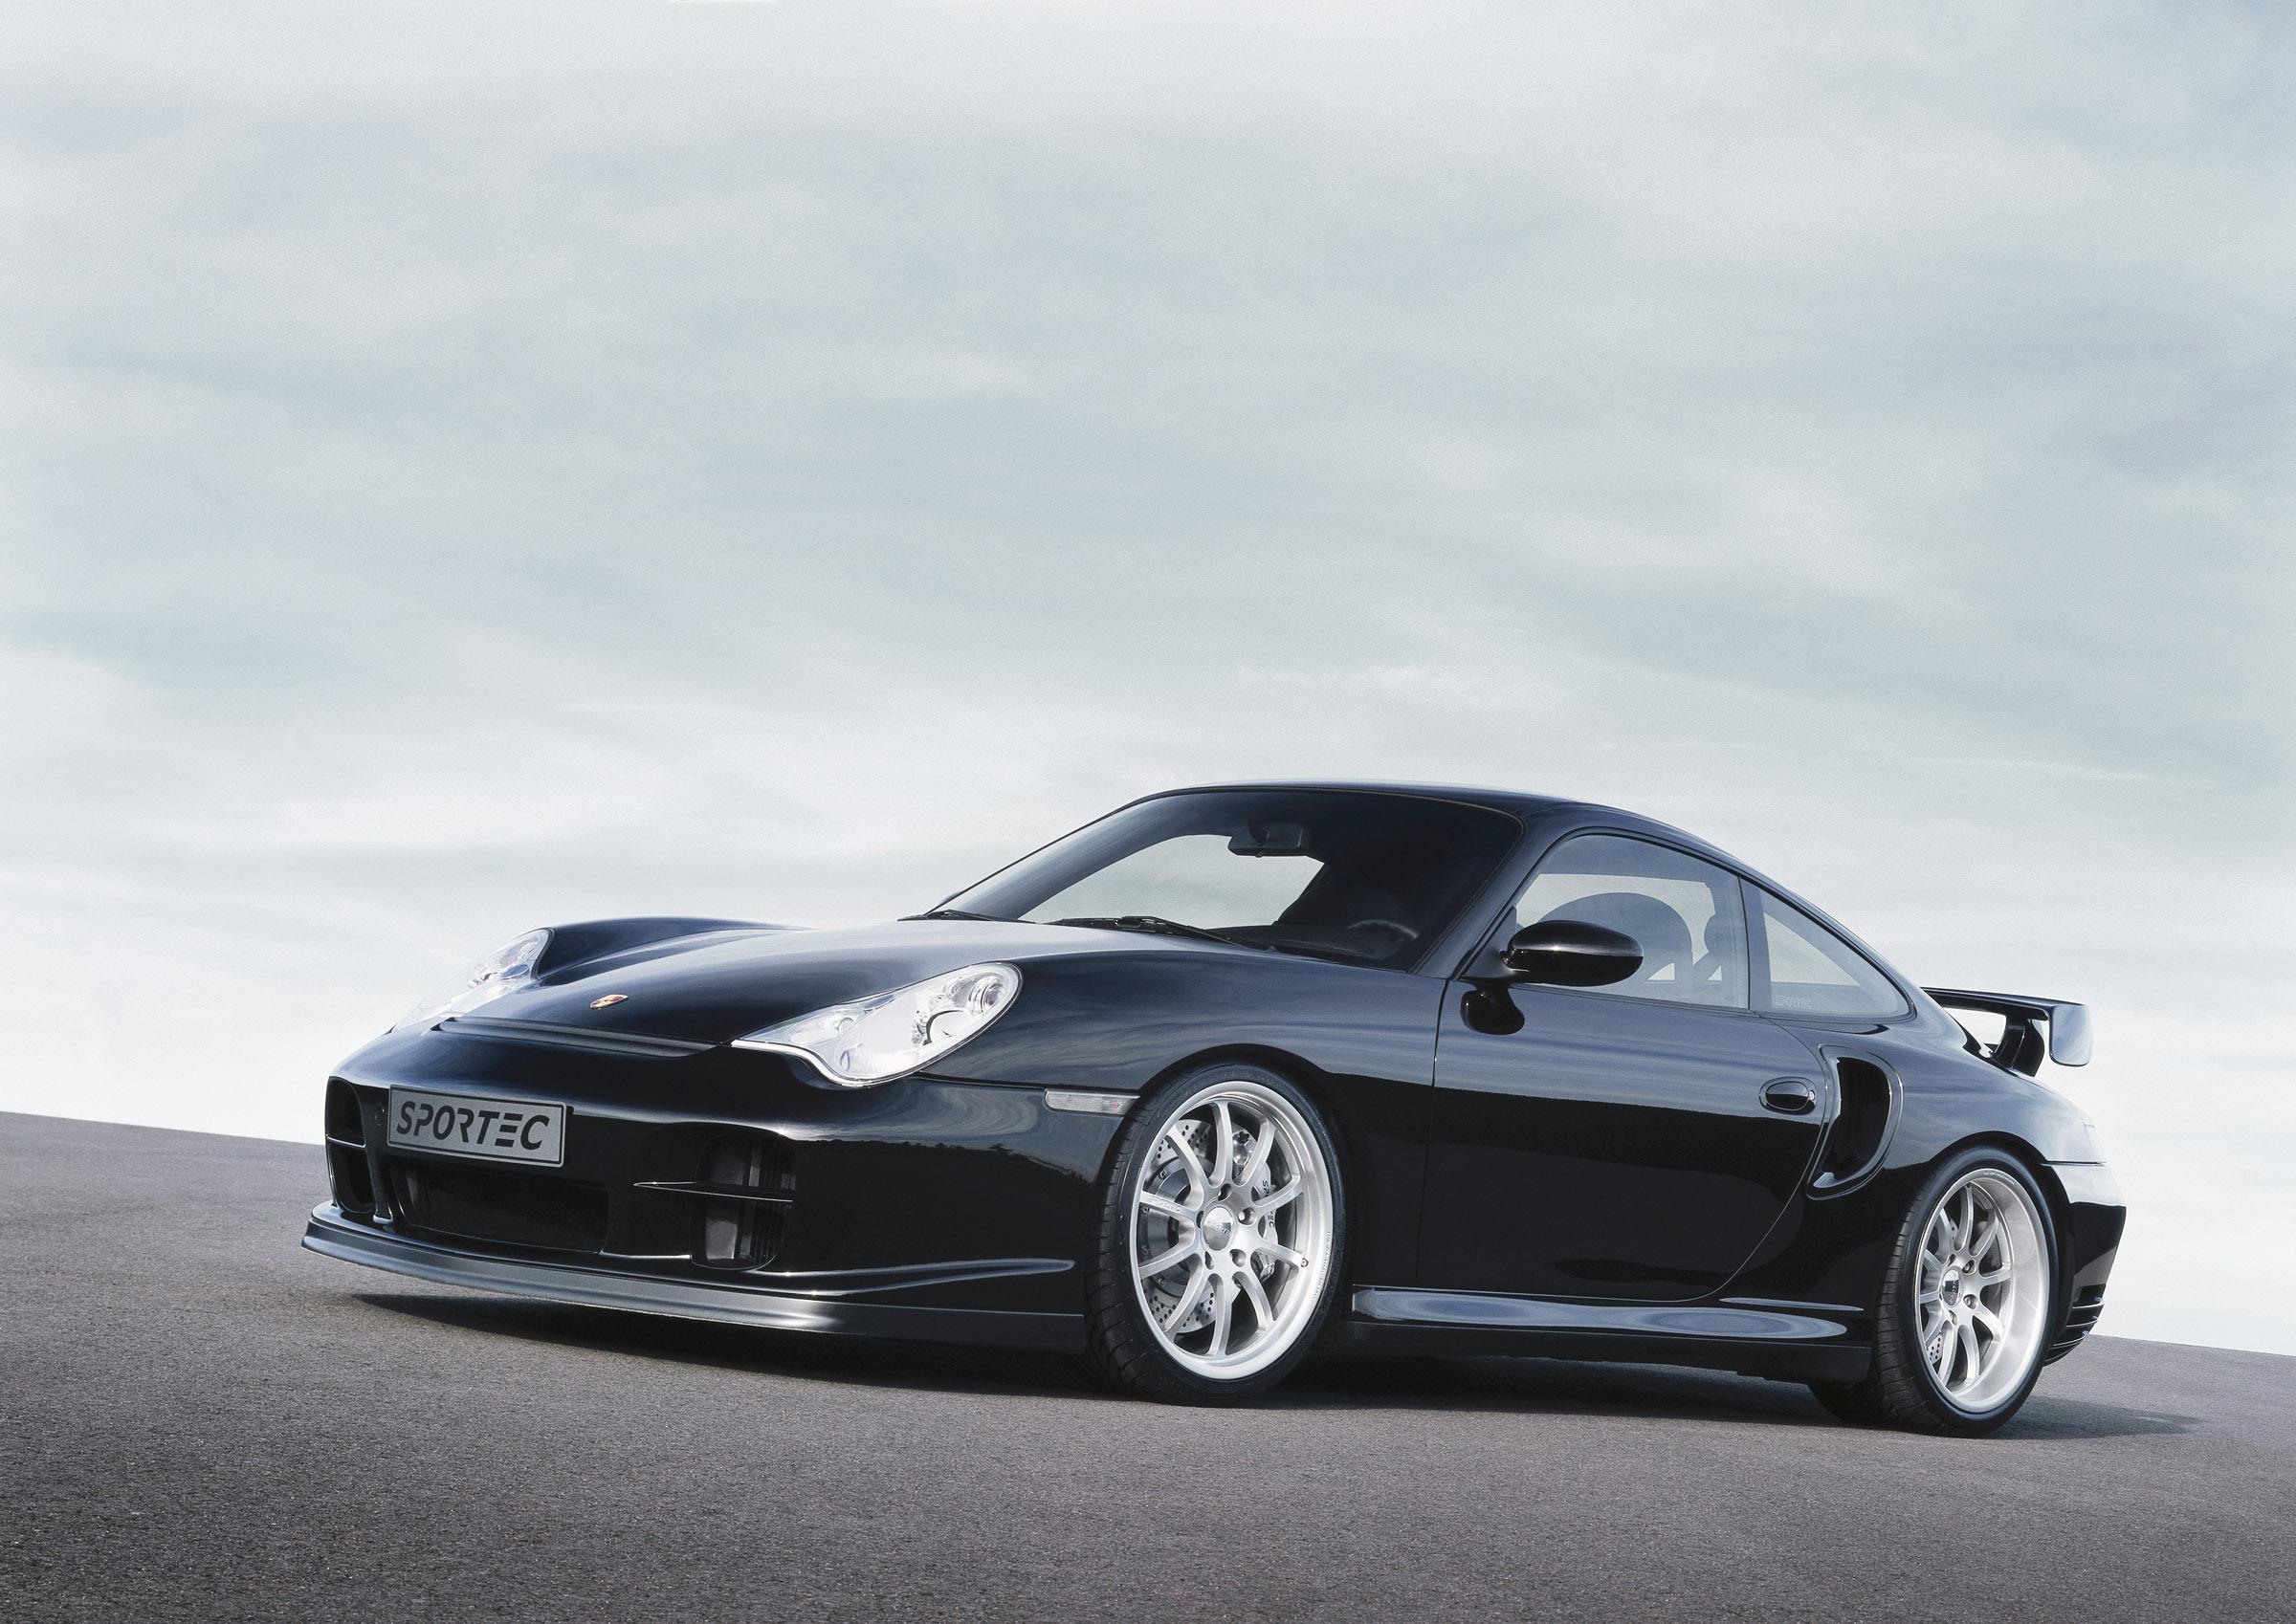 Sportec Porsche 996 Gt2 Sp650 Picture 21585